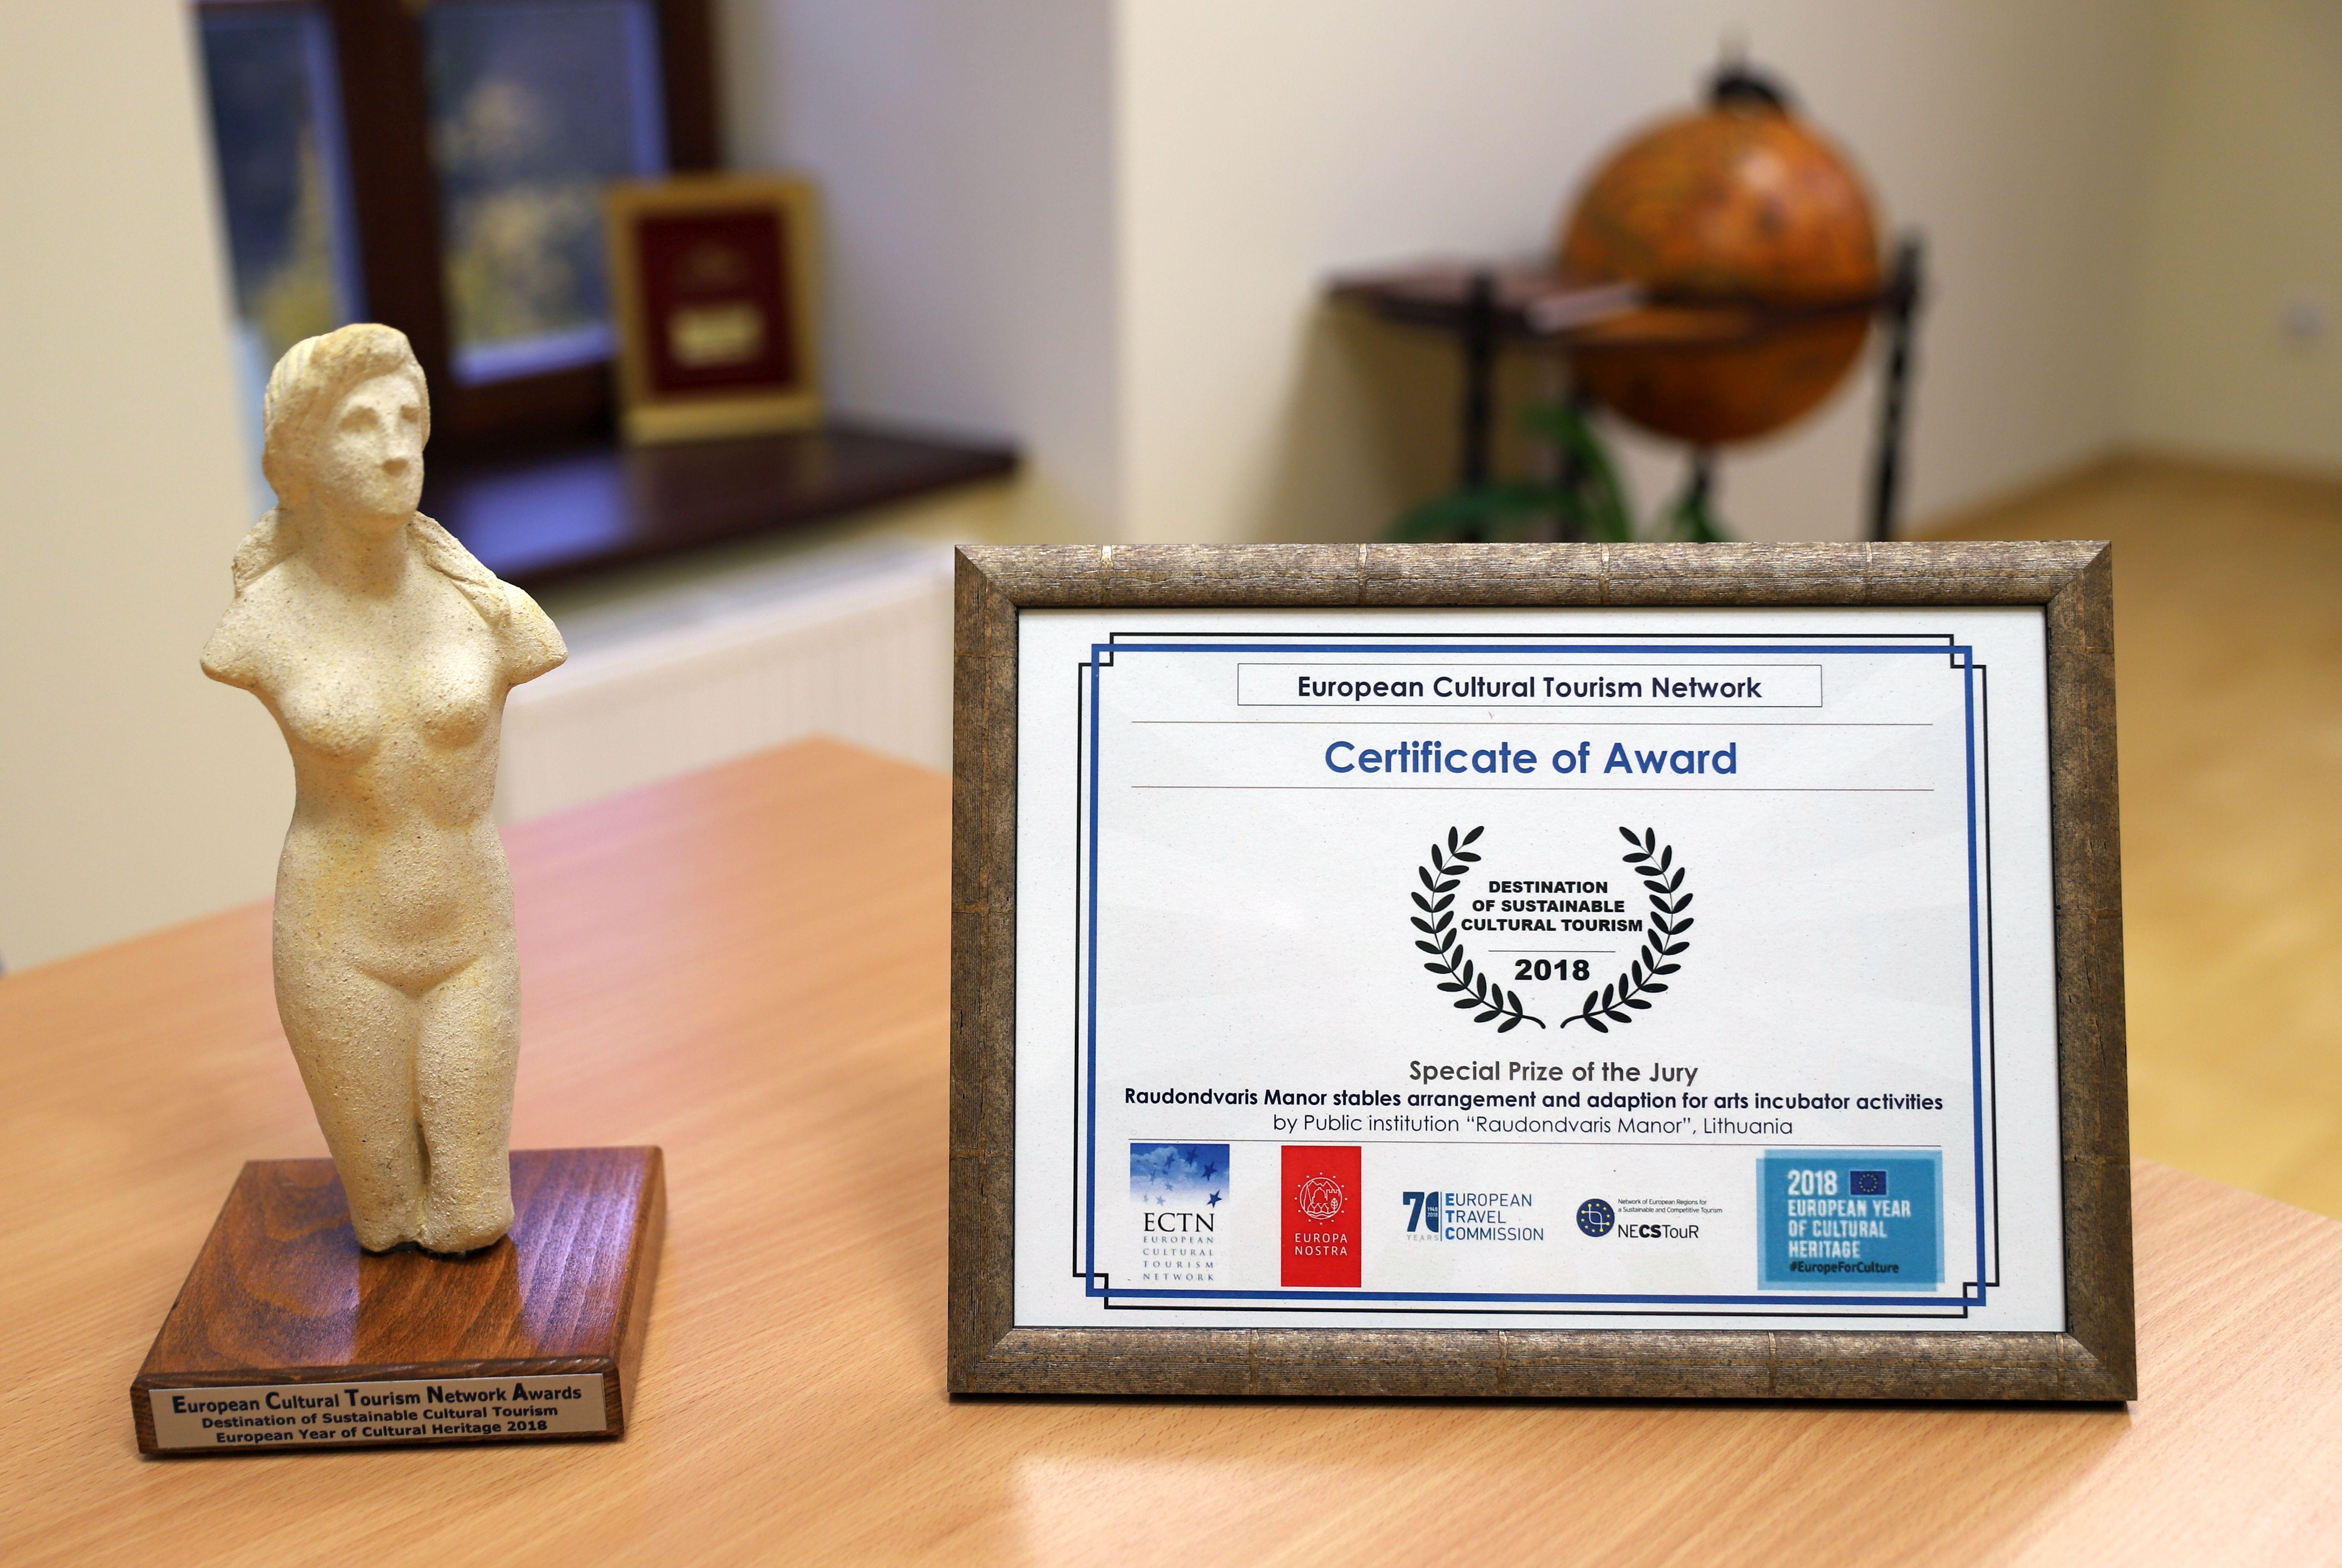 Europos kultūrinio turizmo tinklo specialusis apdovanojimas ir sertifikatas Raudondvario menų inkubatoriui | Kauno rajono savivaldybės nuotr.